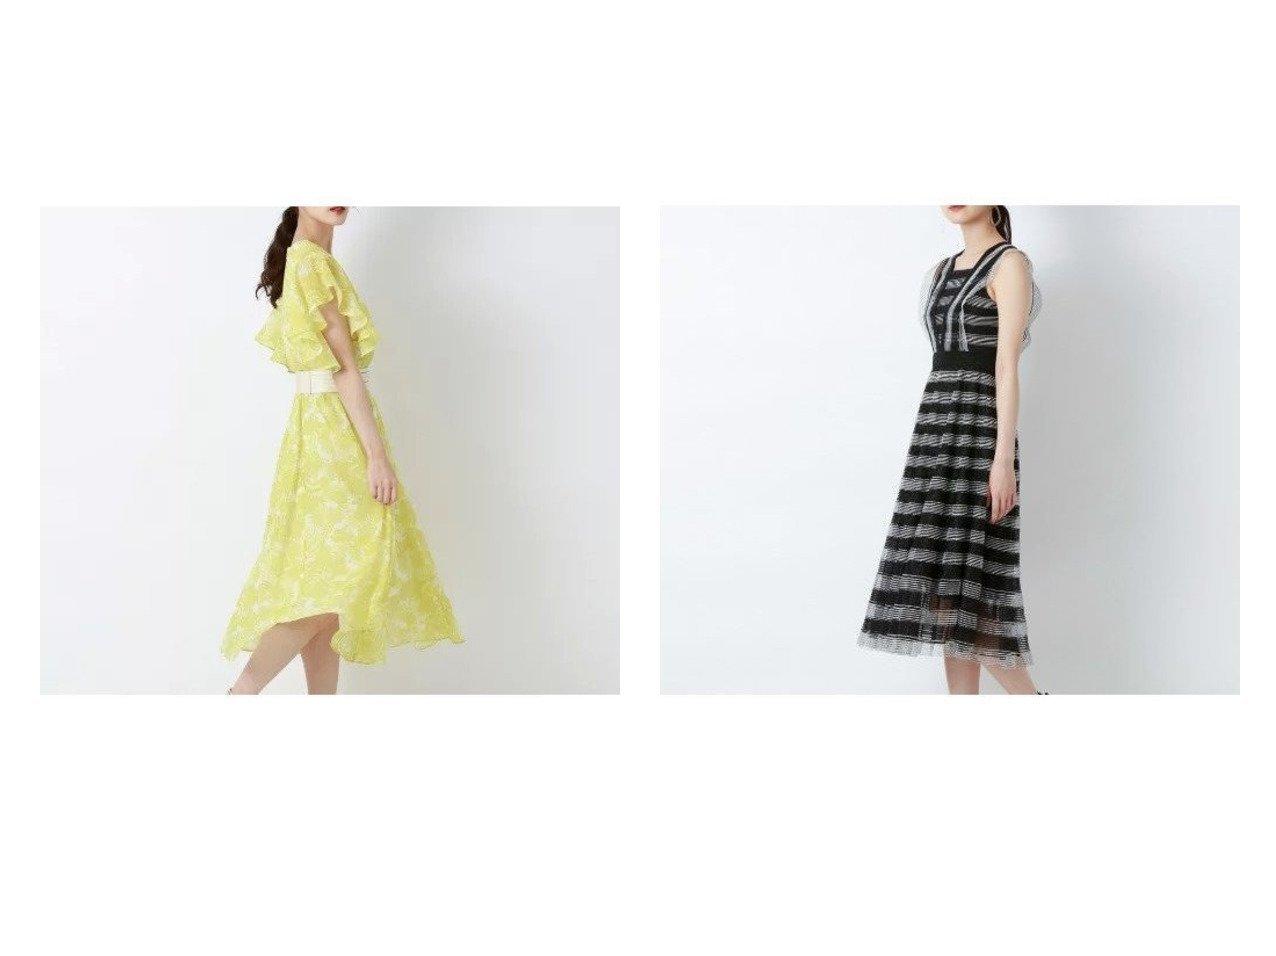 【EPOCA/エポカ】のトーションレース ドレス&シトラスプリント ドレス おすすめ!人気トレンド・レディースファッション通販 おすすめで人気の流行・トレンド、ファッションの通販商品 インテリア・家具・メンズファッション・キッズファッション・レディースファッション・服の通販 founy(ファニー) https://founy.com/ ファッション Fashion レディースファッション WOMEN ワンピース Dress ドレス Party Dresses 春 Spring ドレス フォーマル レース おすすめ Recommend 夏 Summer |ID:crp329100000046819